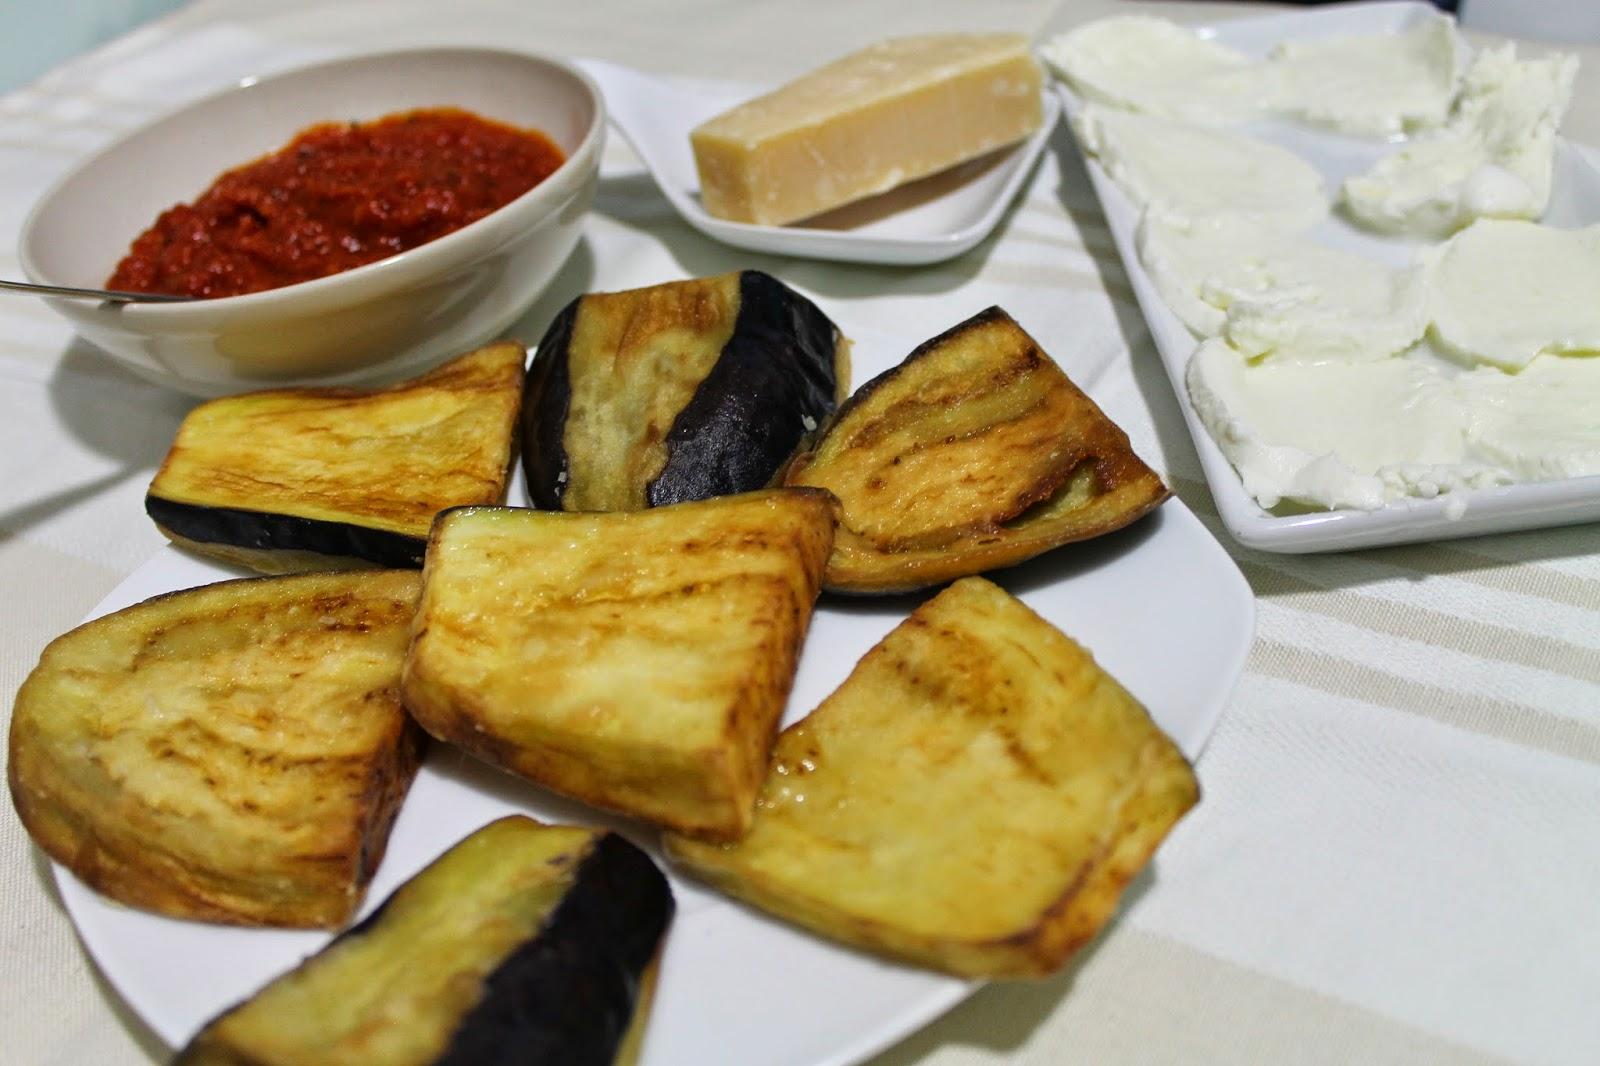 ingredientes-para-berenjenas-a-la-parmesana-blog-justy-entre-fogones-y-copla.jpg